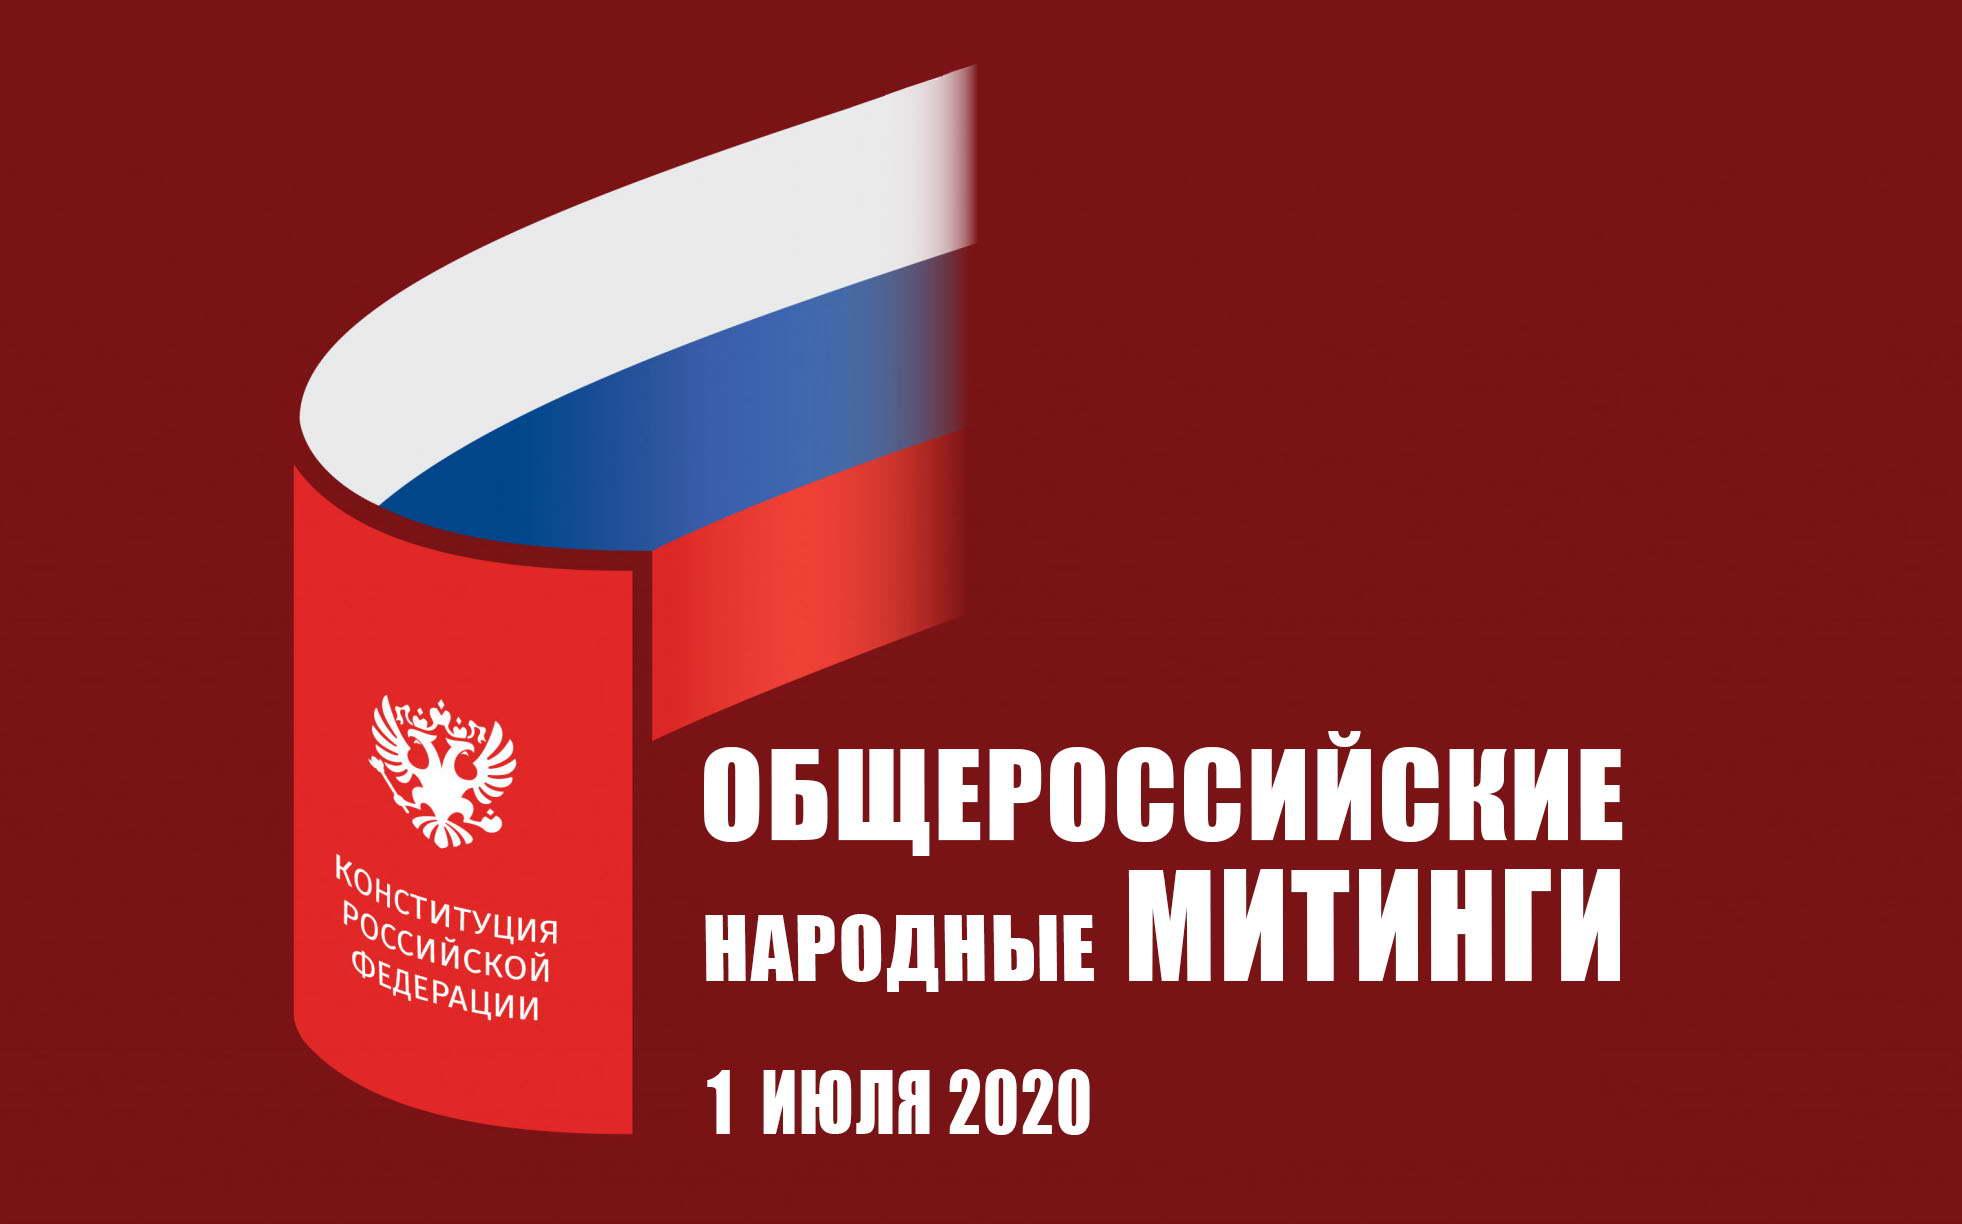 Общероссийские народные митинги